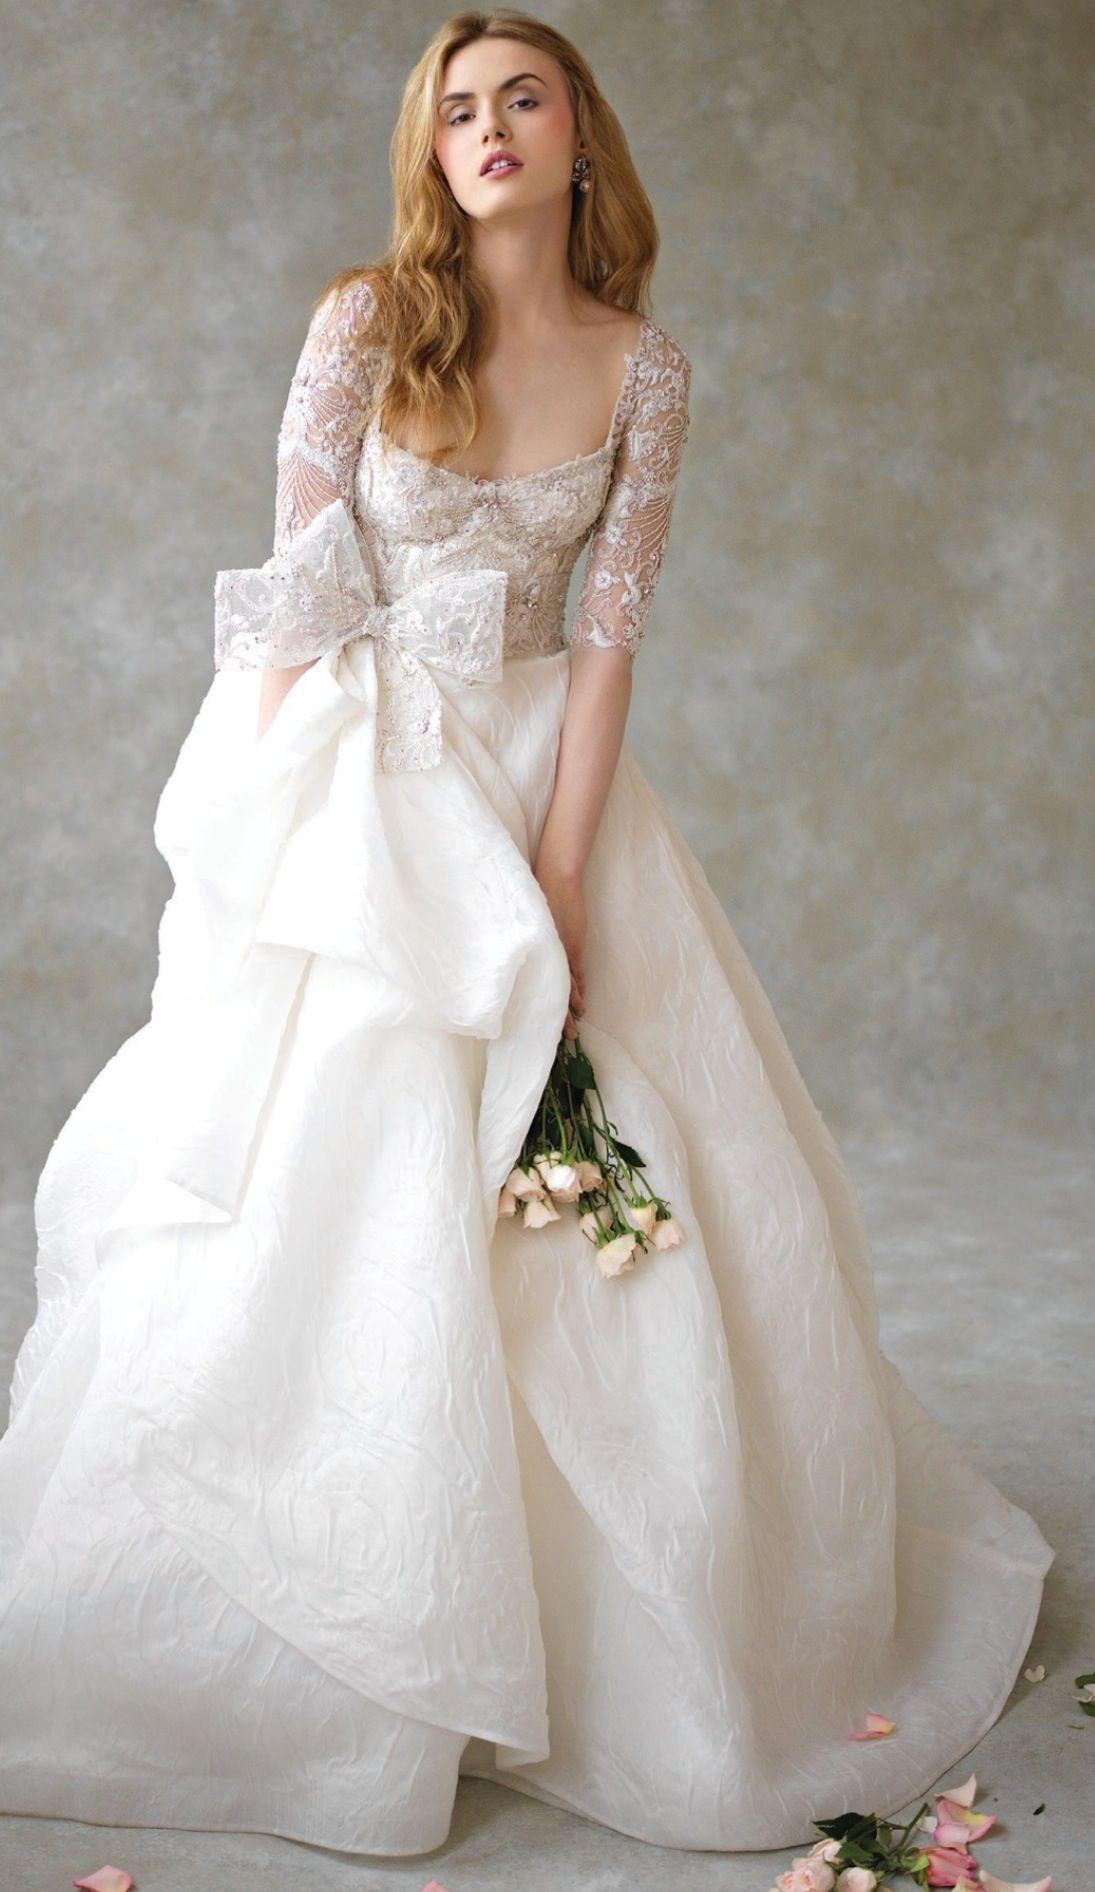 Platinum edition wedding dresses  Monique Lhuillier Royalty  Beautiful clothes  Pinterest